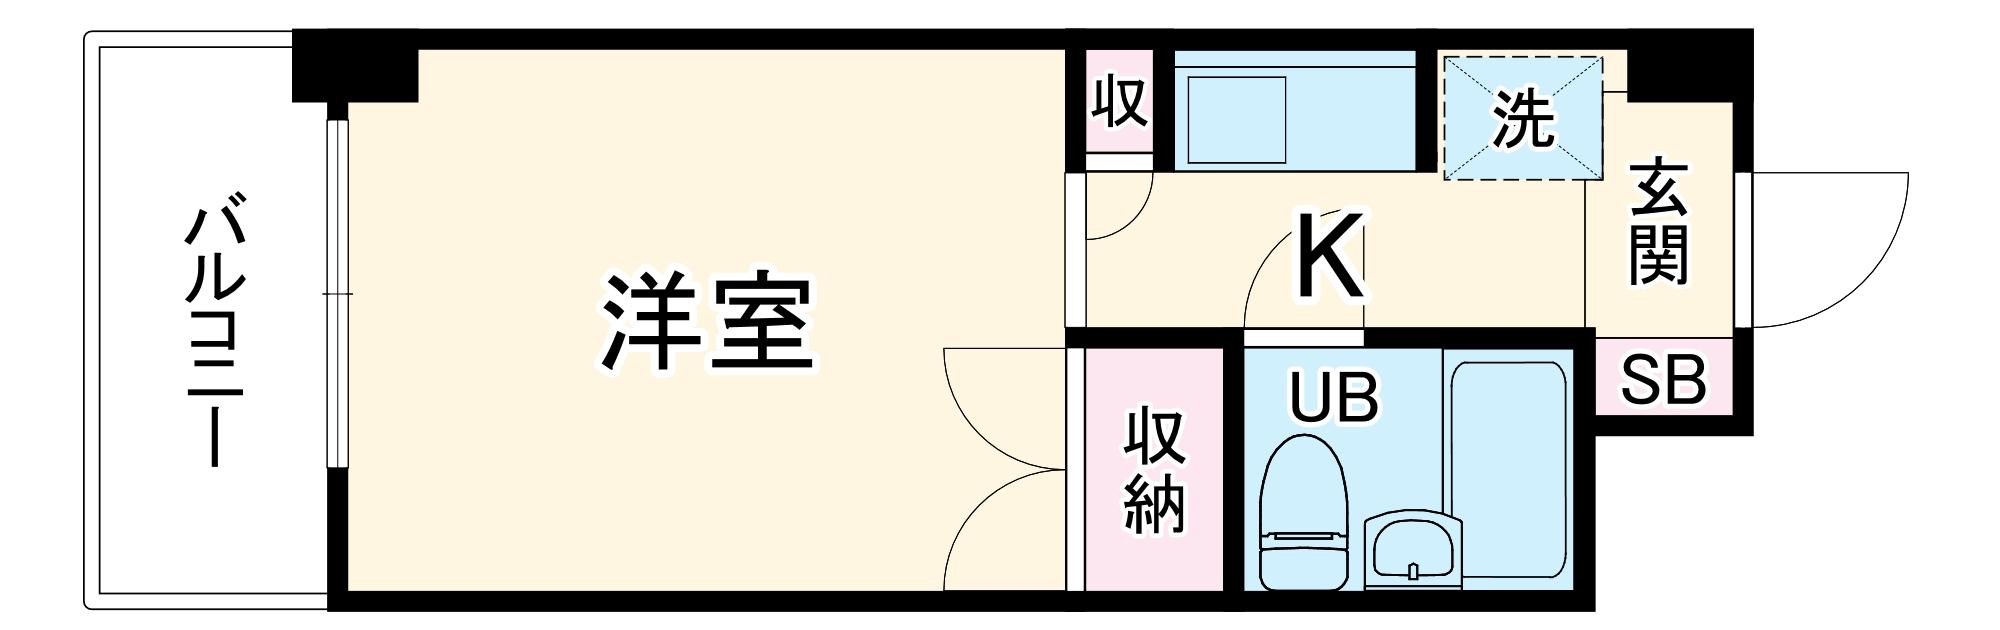 モナークマンション武蔵新城第2 319号室の間取り